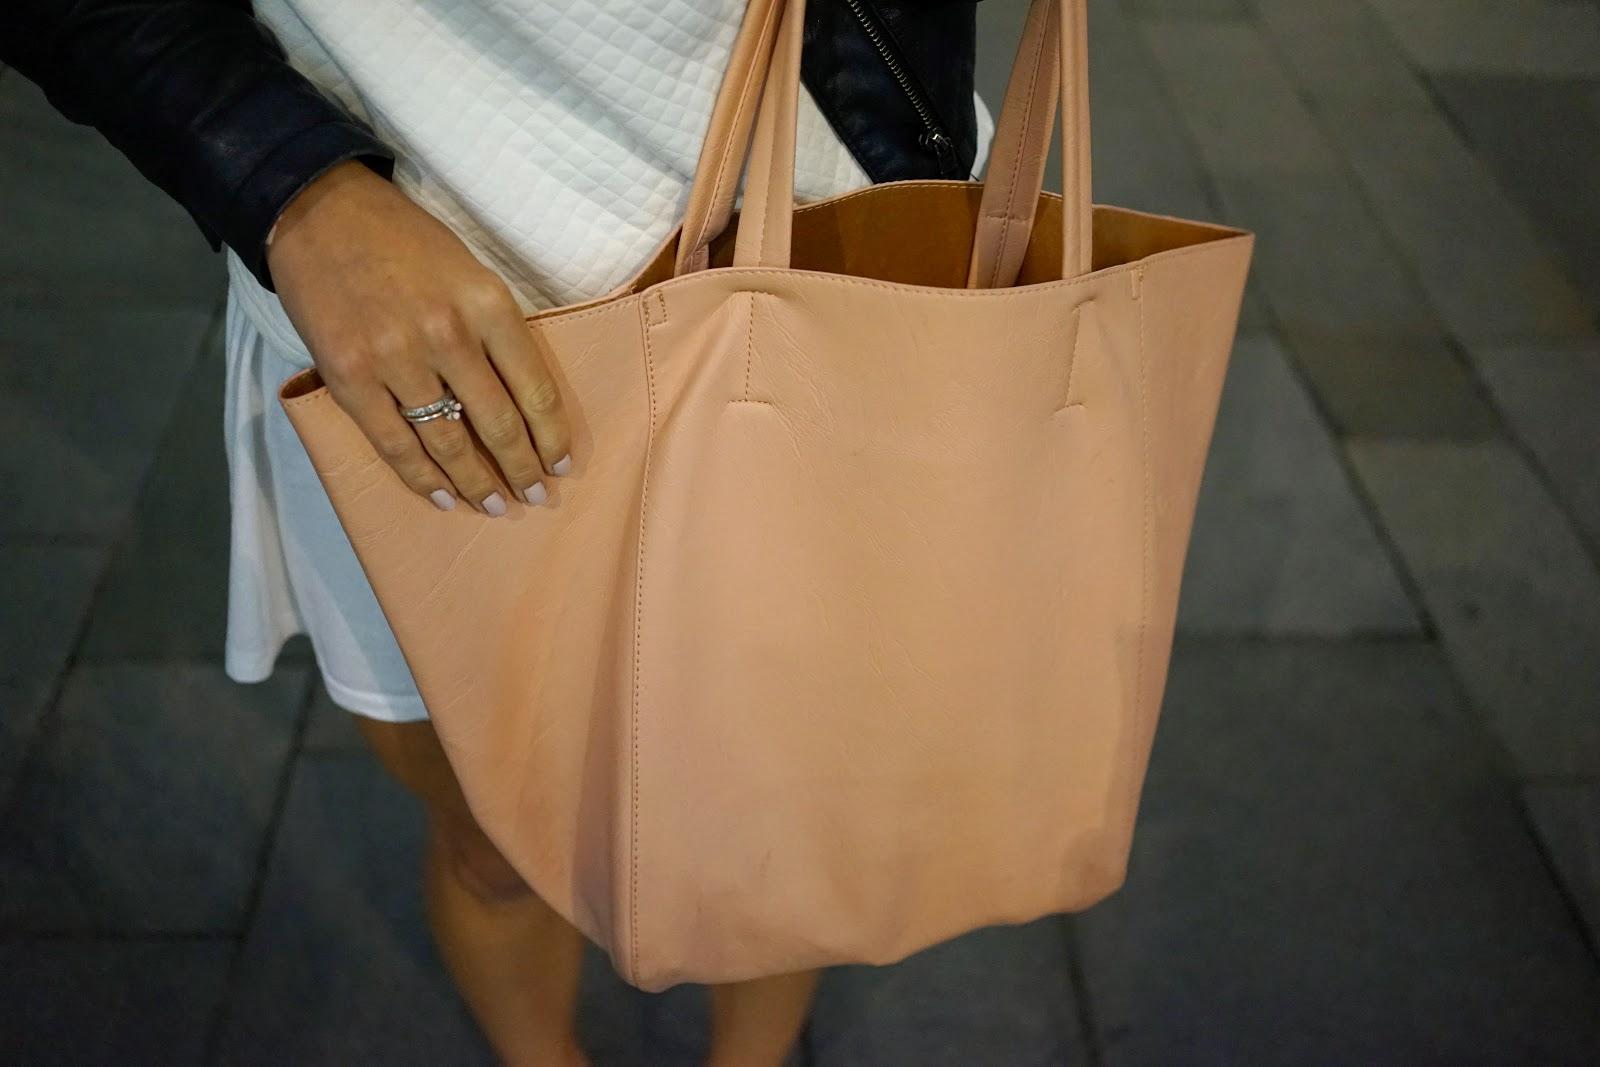 missguided handbag